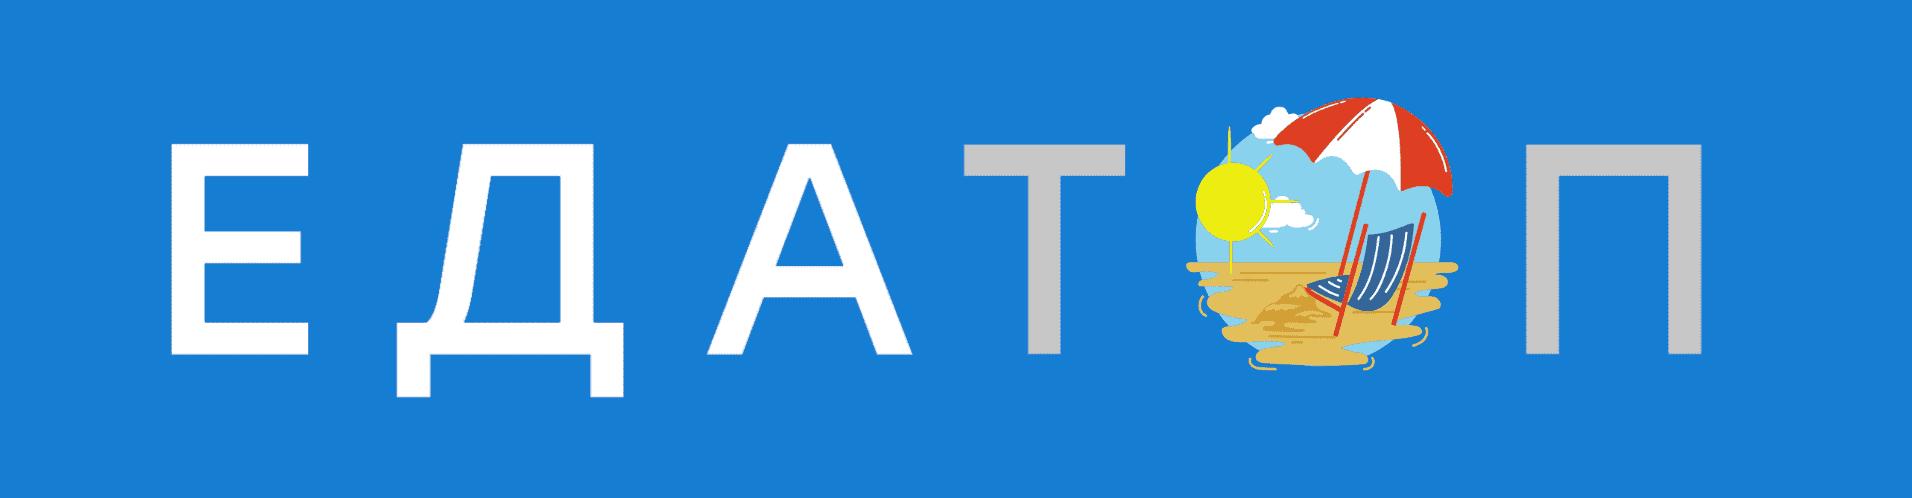 ЕДАТОП - Поможем подобрать сервис готовой еды